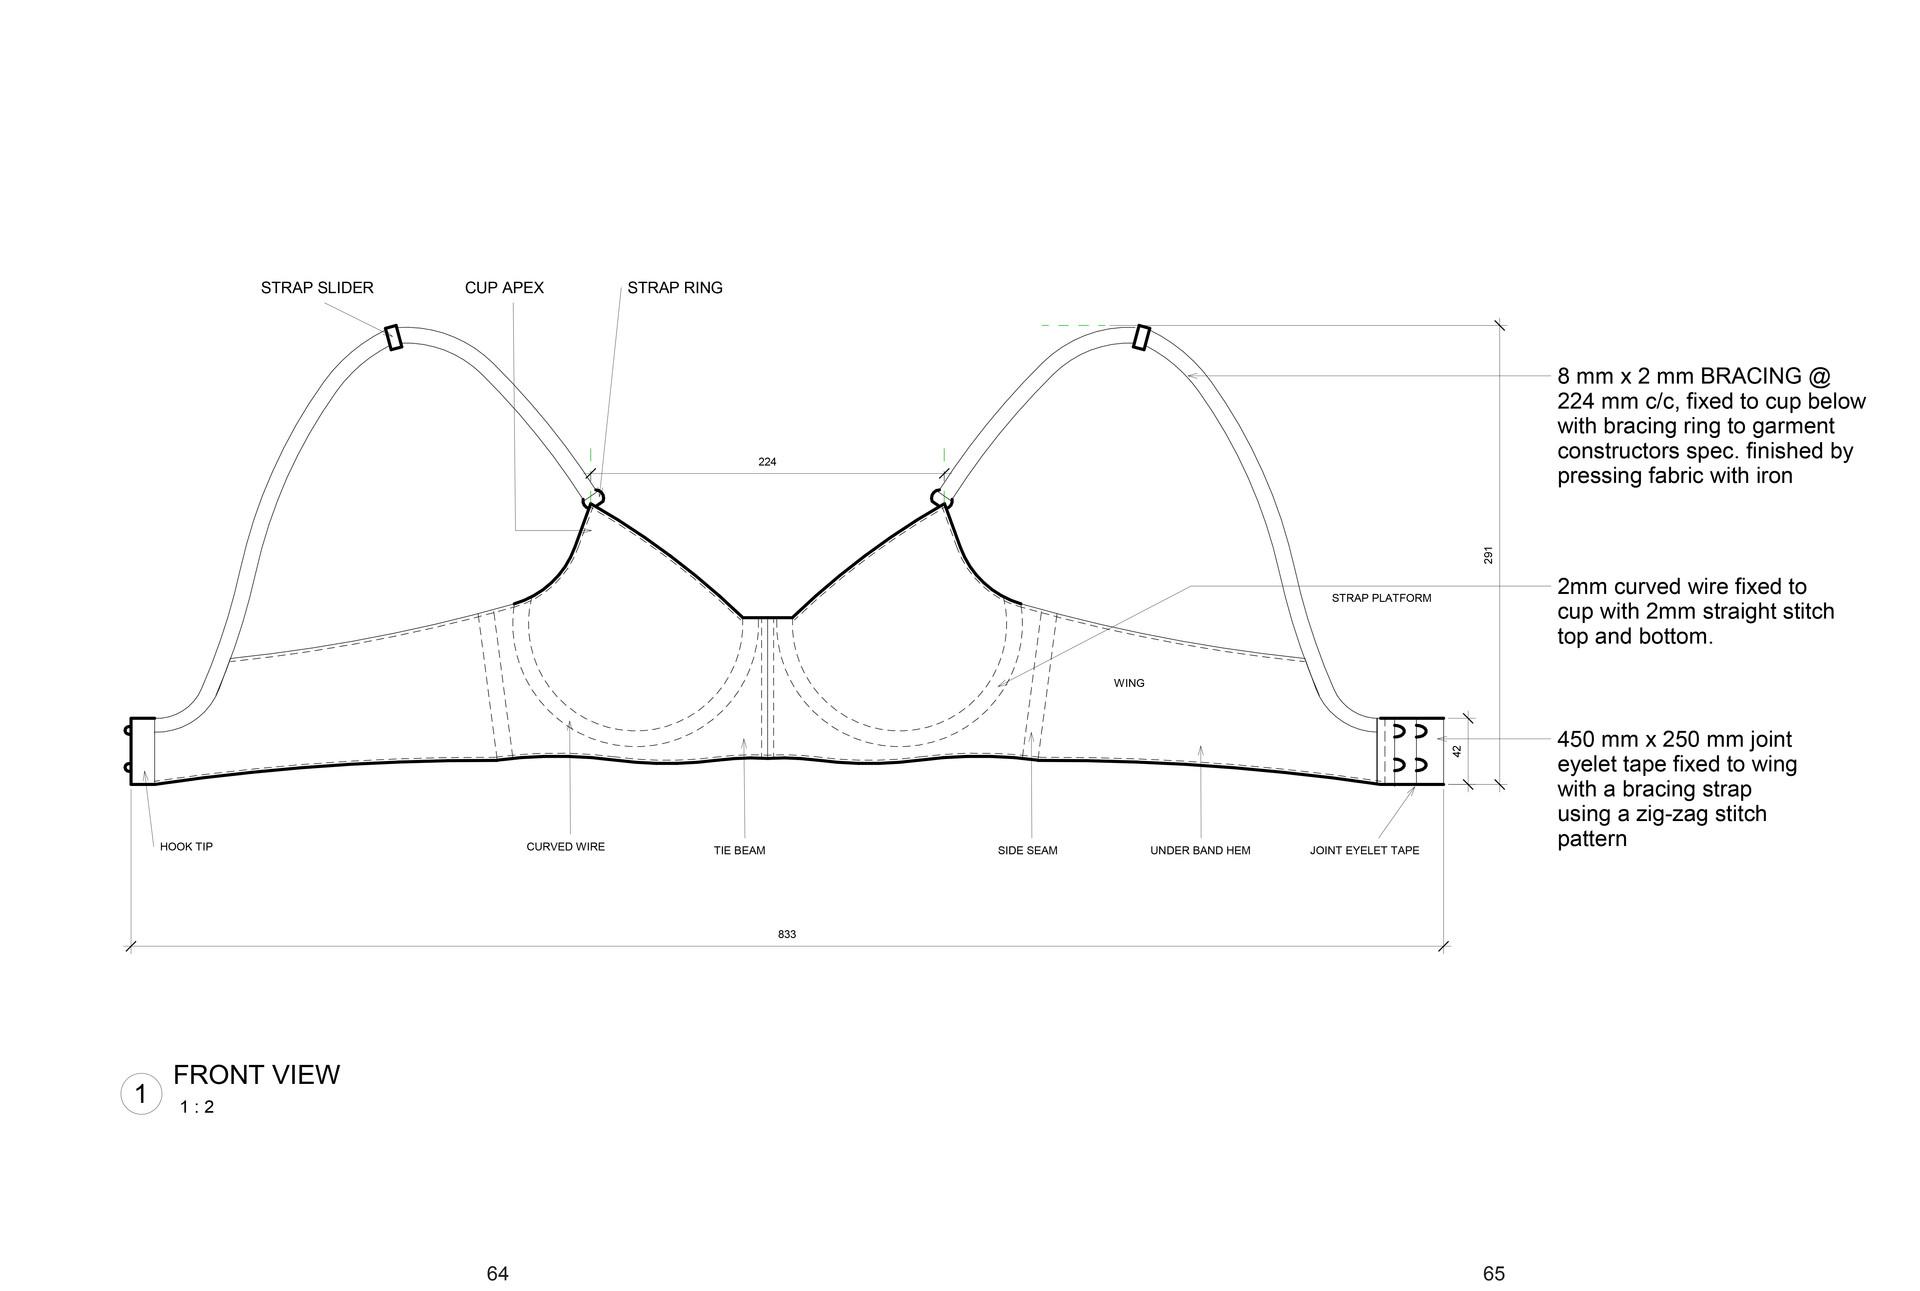 Bra – structural components. Selepe, D. Unit 19. 2020.